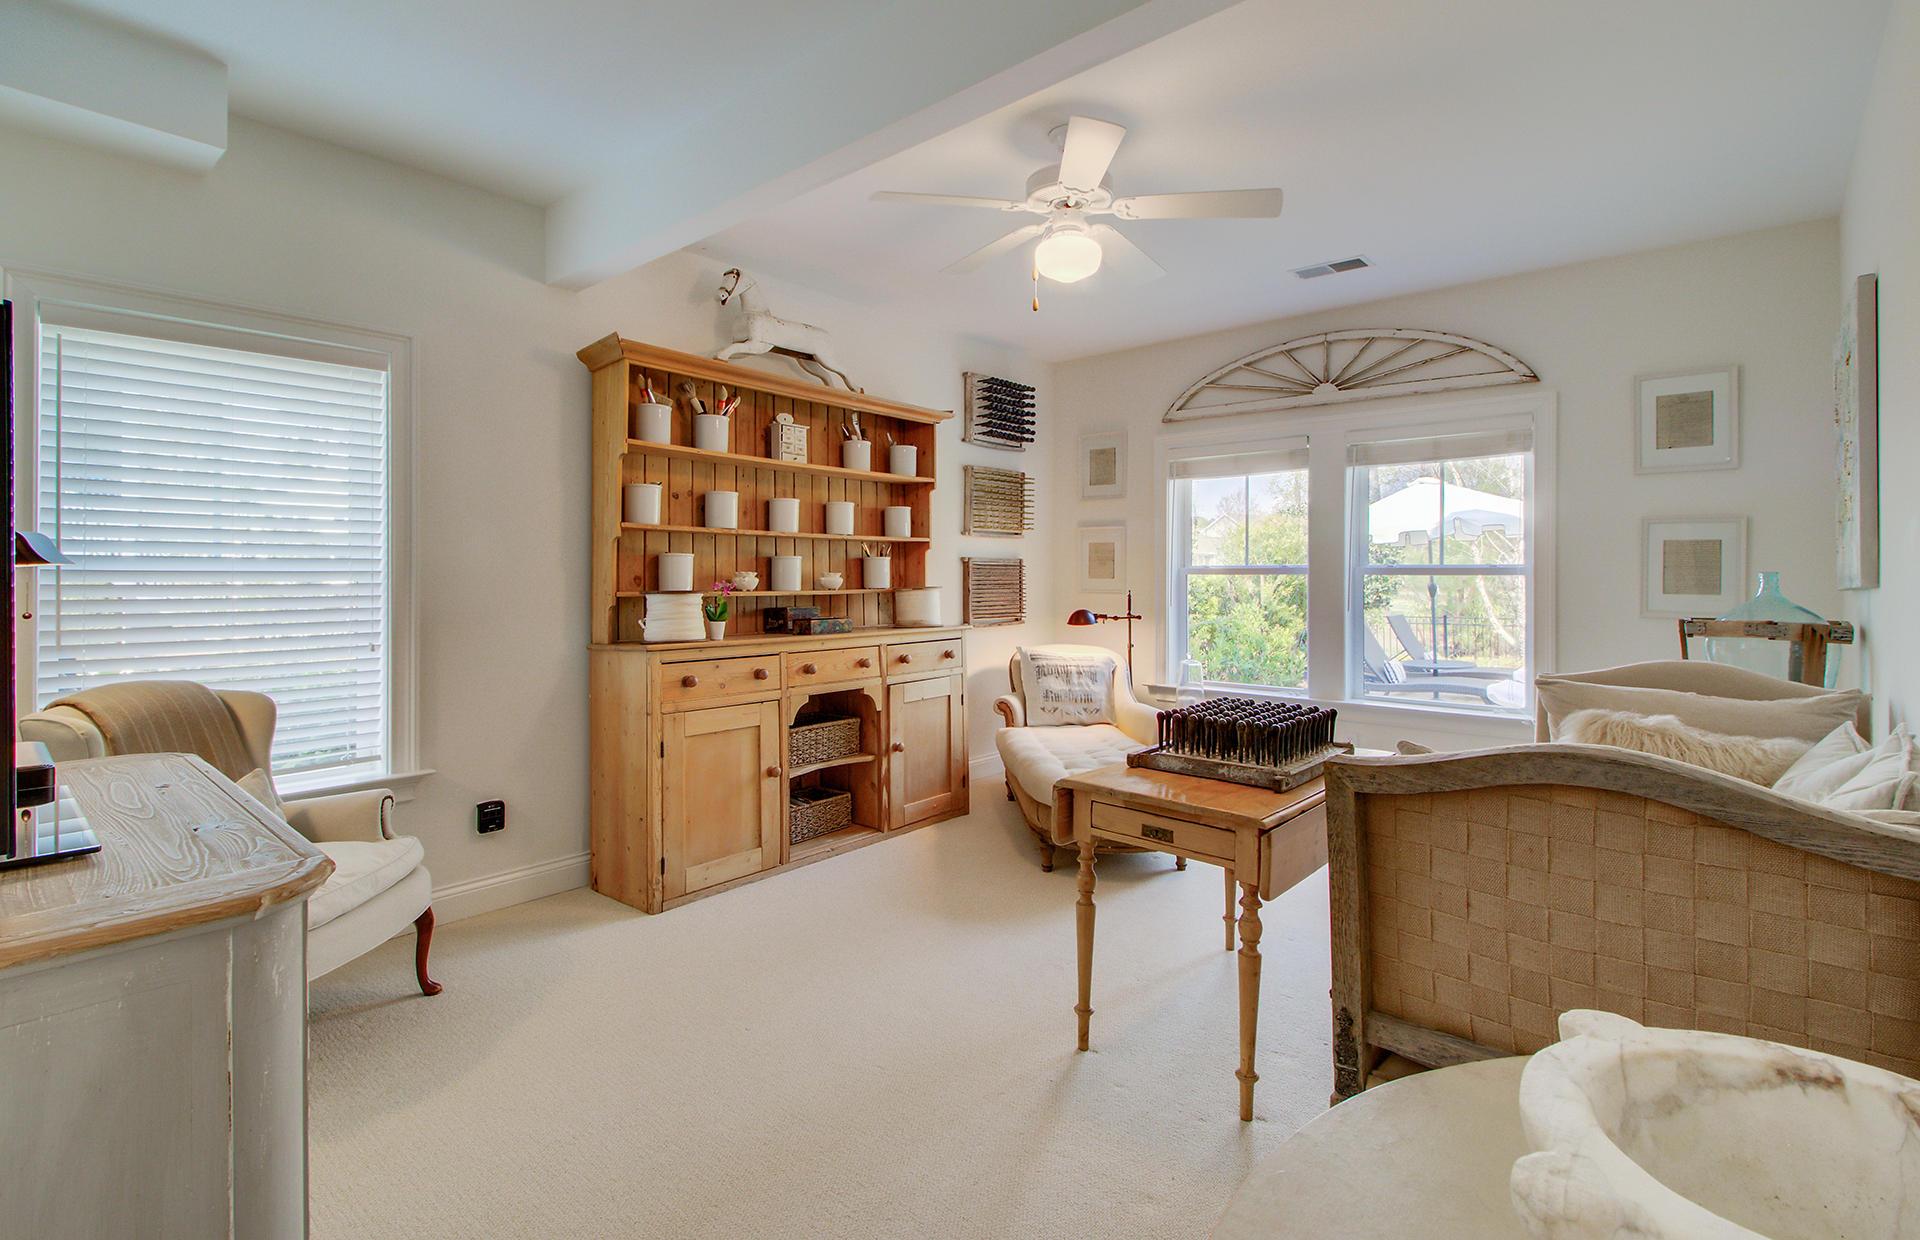 Dunes West Homes For Sale - 2913 Yachtsman, Mount Pleasant, SC - 40